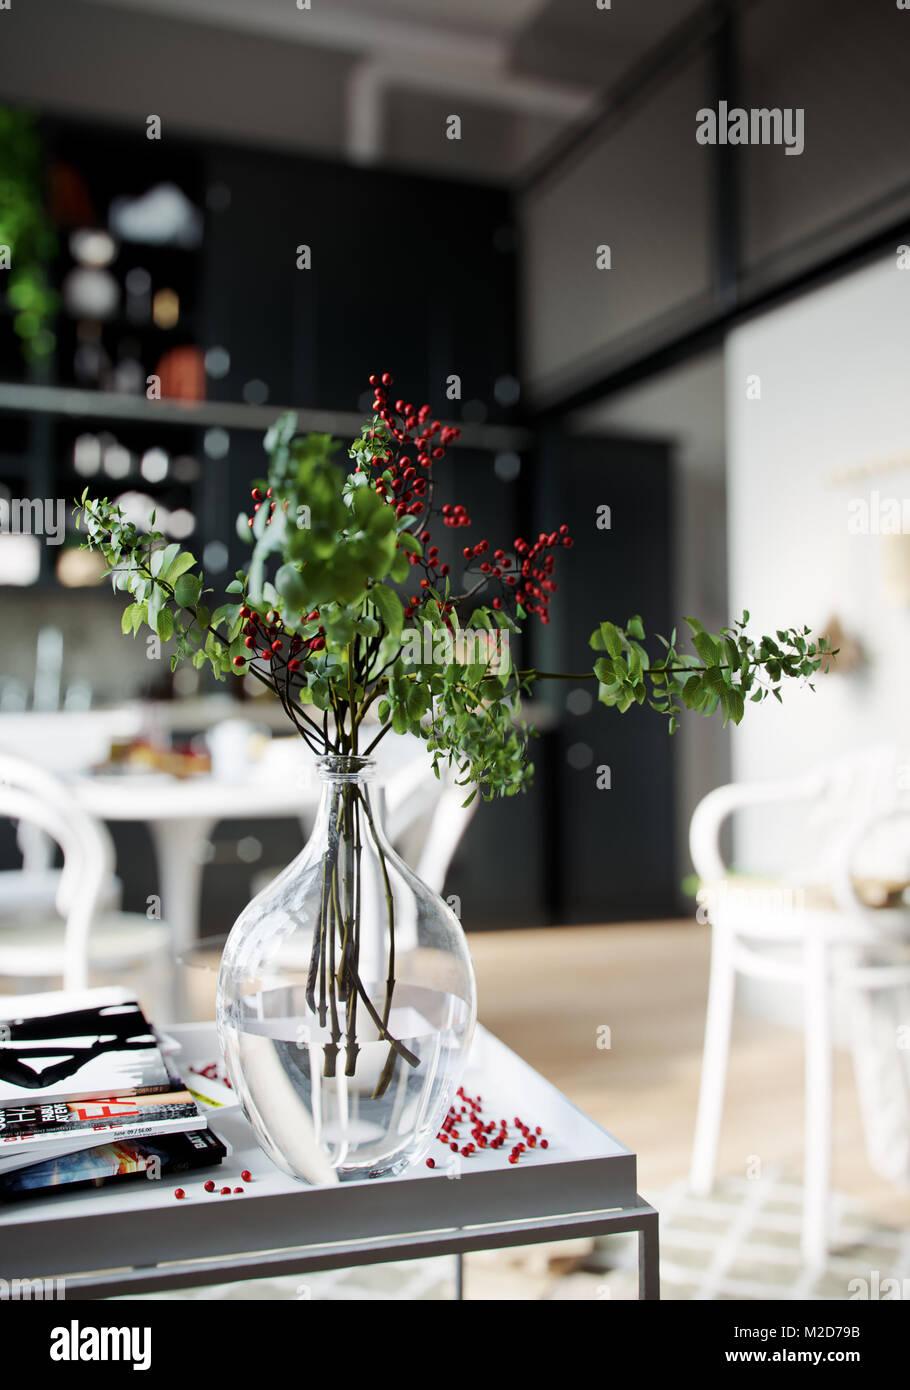 3D Rendering Haus Im Innenbereich Küche Zimmer Keine Menschen Blumen In Der  Vase Auf Dem Tisch Close Up Verschwommenen Hintergrund Dekor